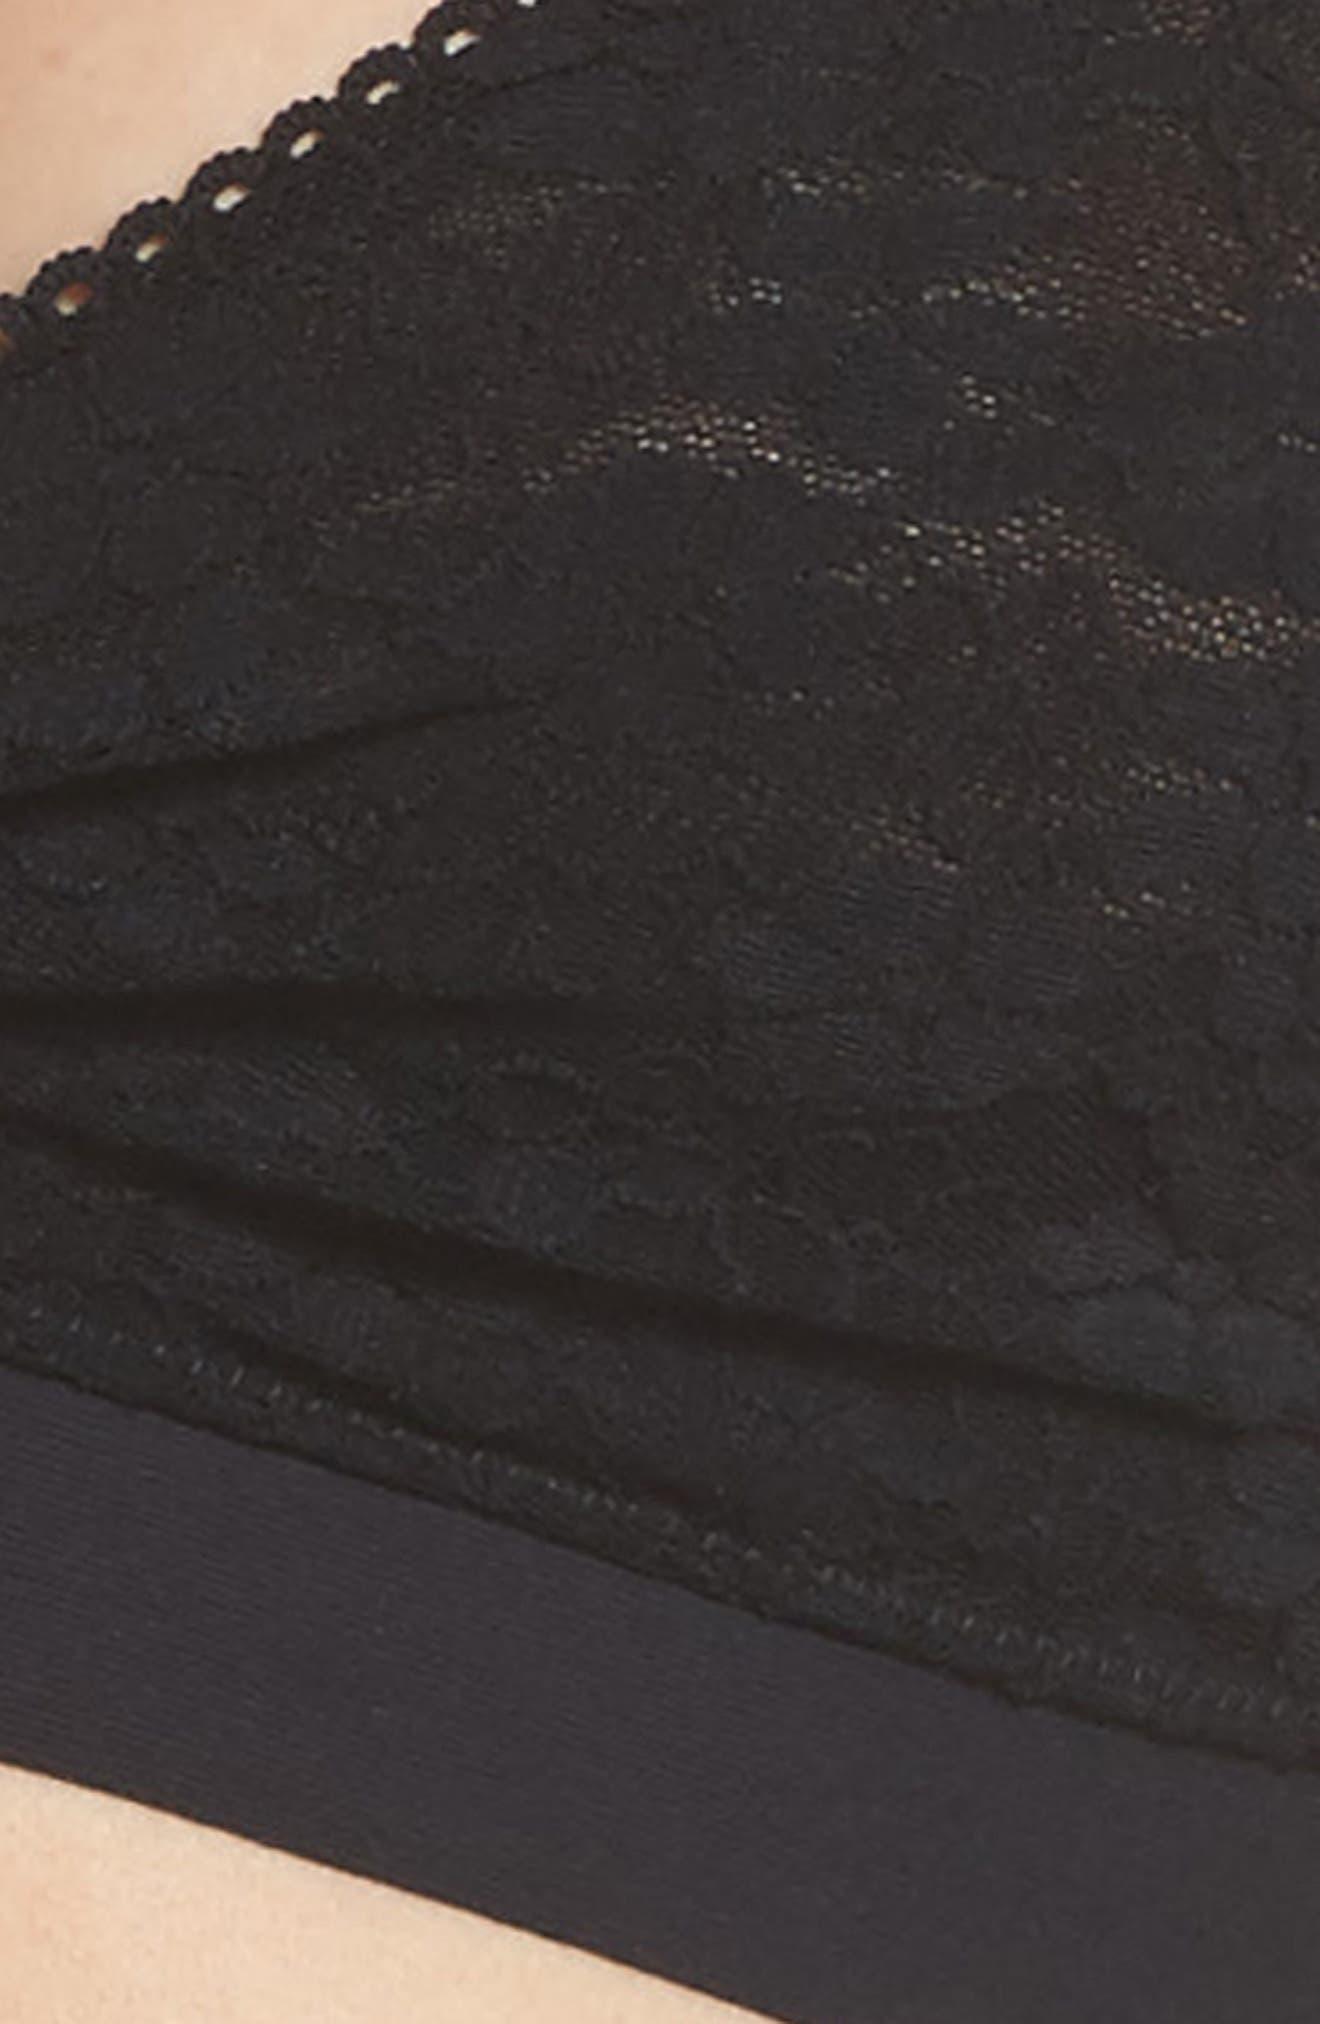 Luxury Lace Bralette,                             Alternate thumbnail 5, color,                             BLACK